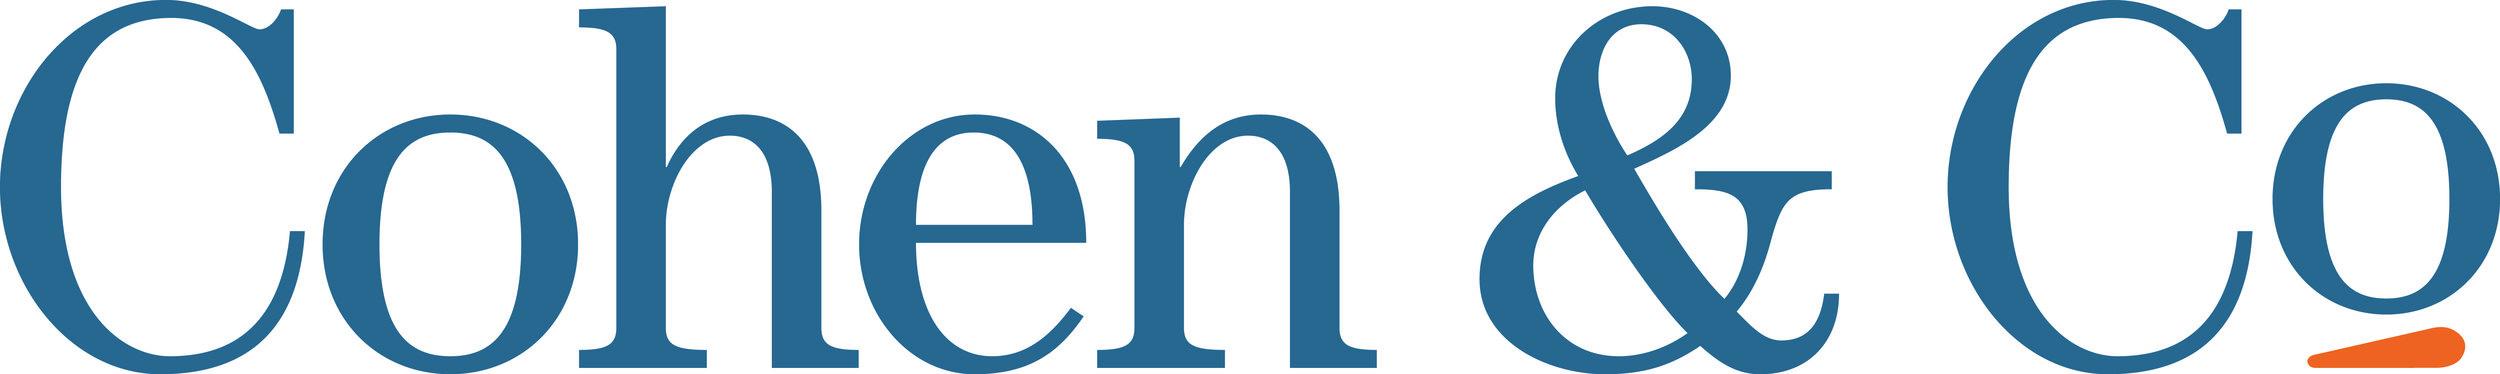 Cohen & Co